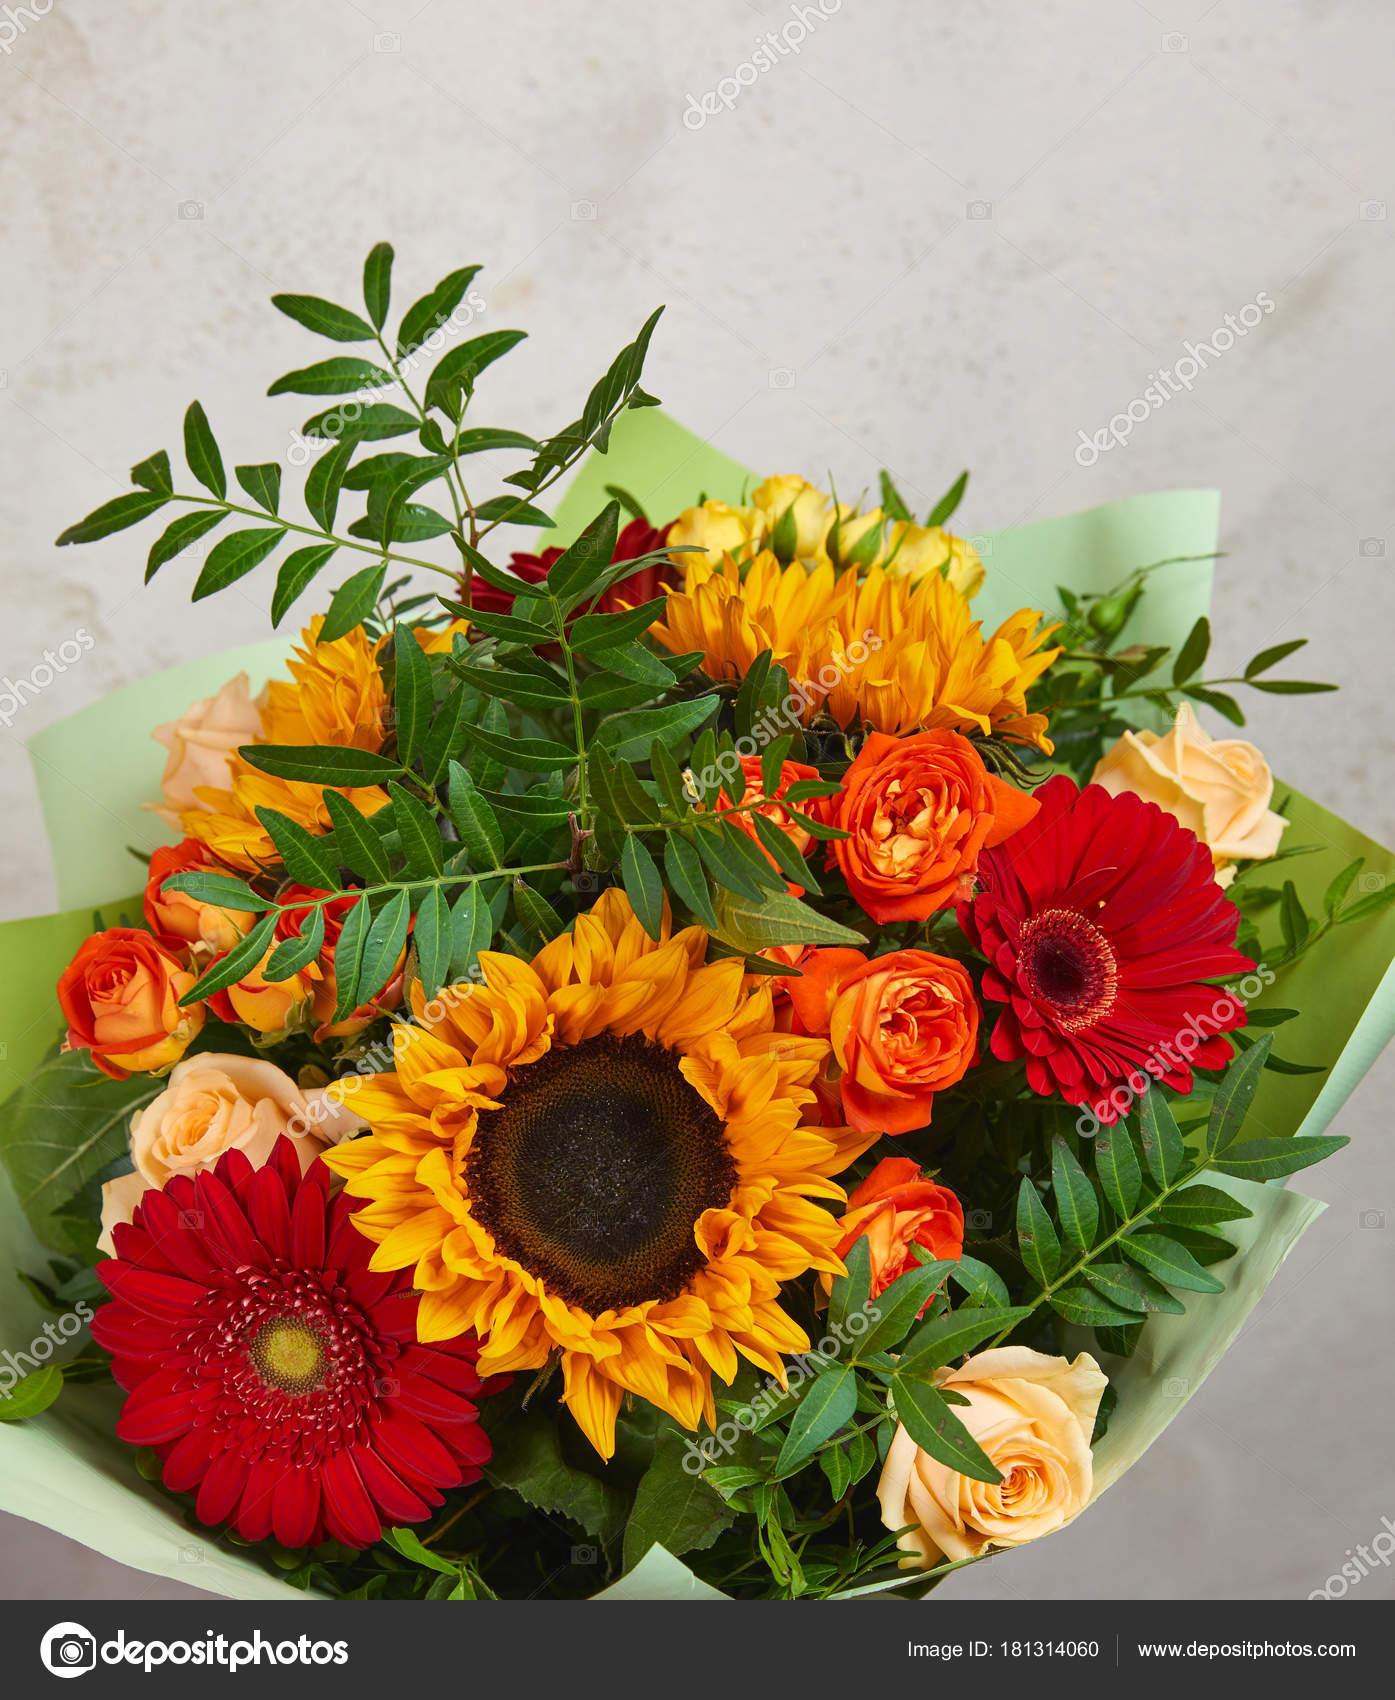 Beautiful fresh flower bouquet festive concept stock photo beautiful fresh flower bouquet festive concept stock photo izmirmasajfo Gallery